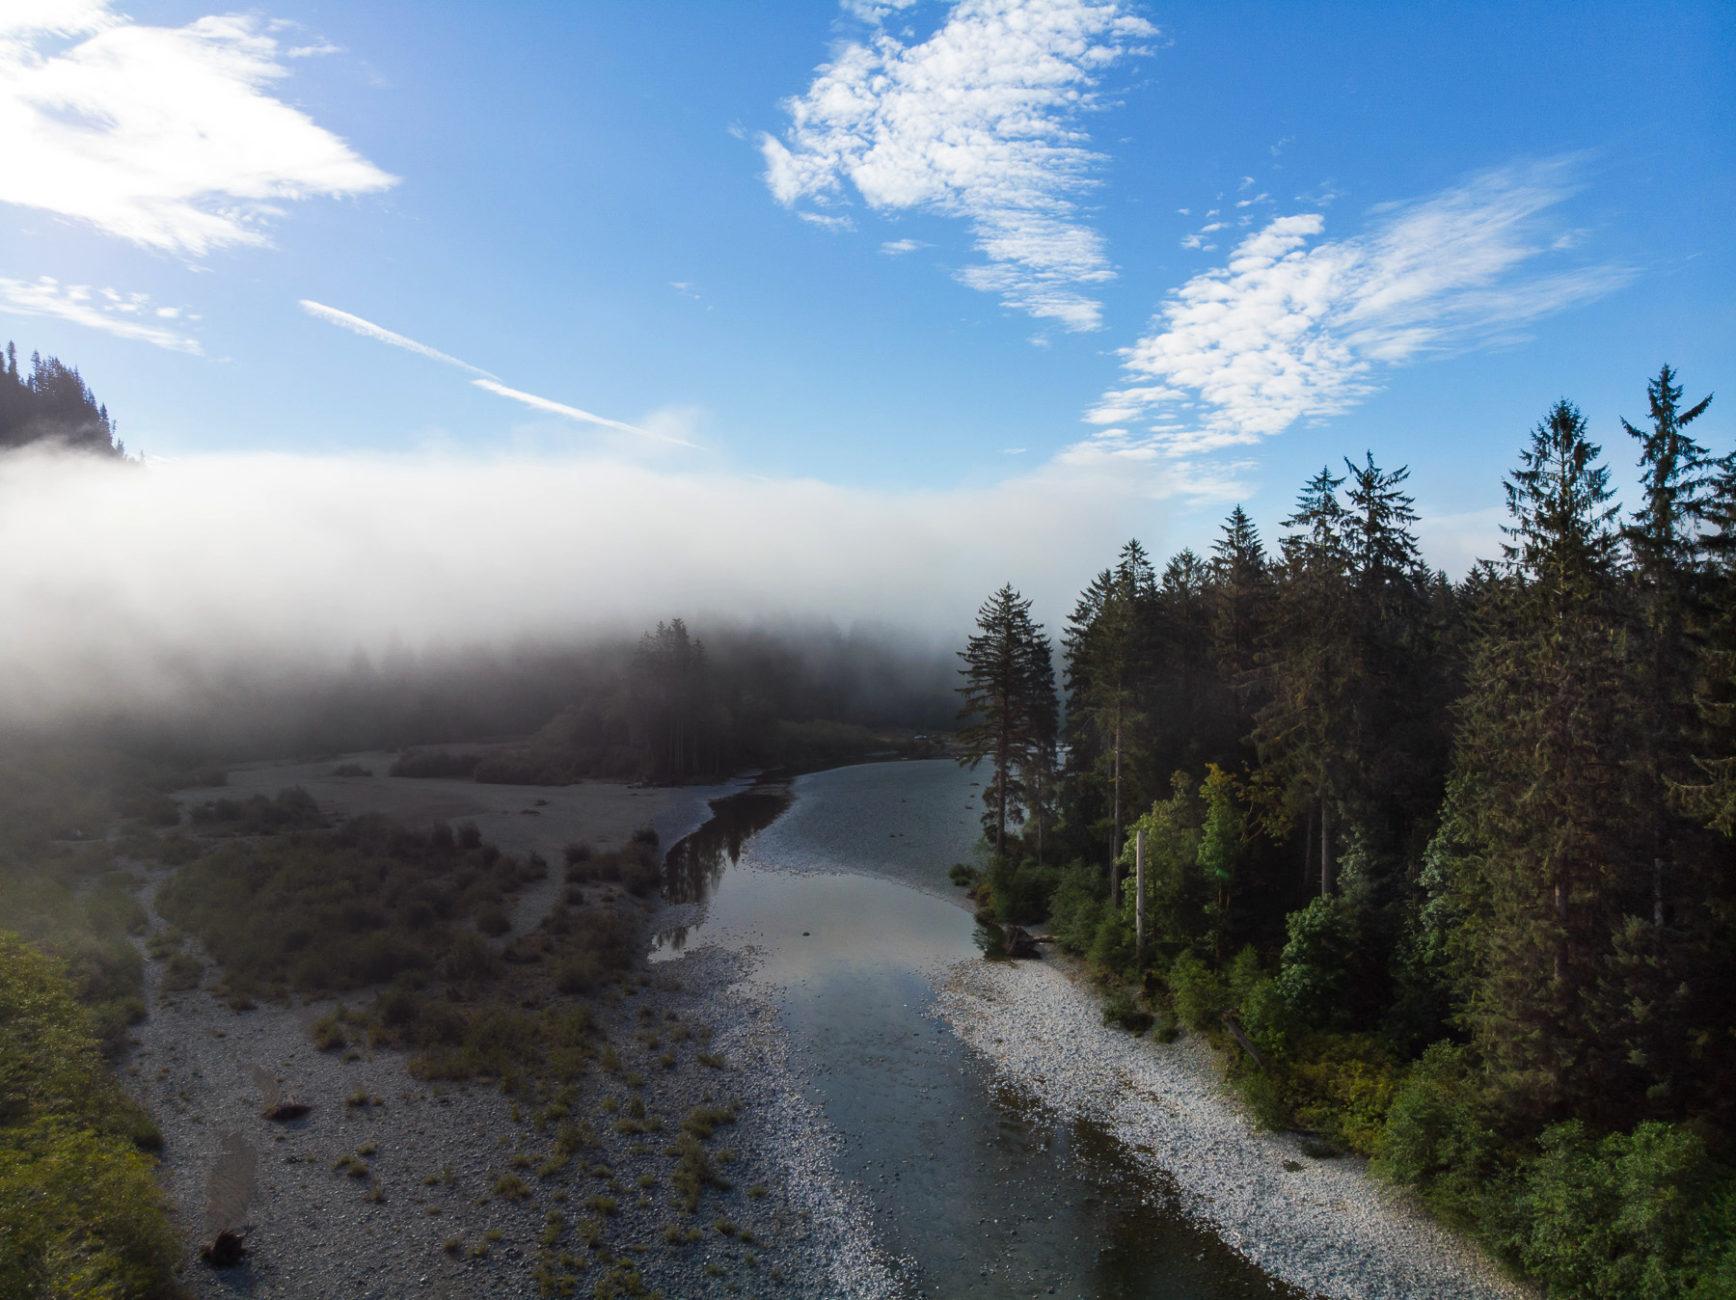 herrliche Morgenstimmung, wenn der Nebel sich lichtet